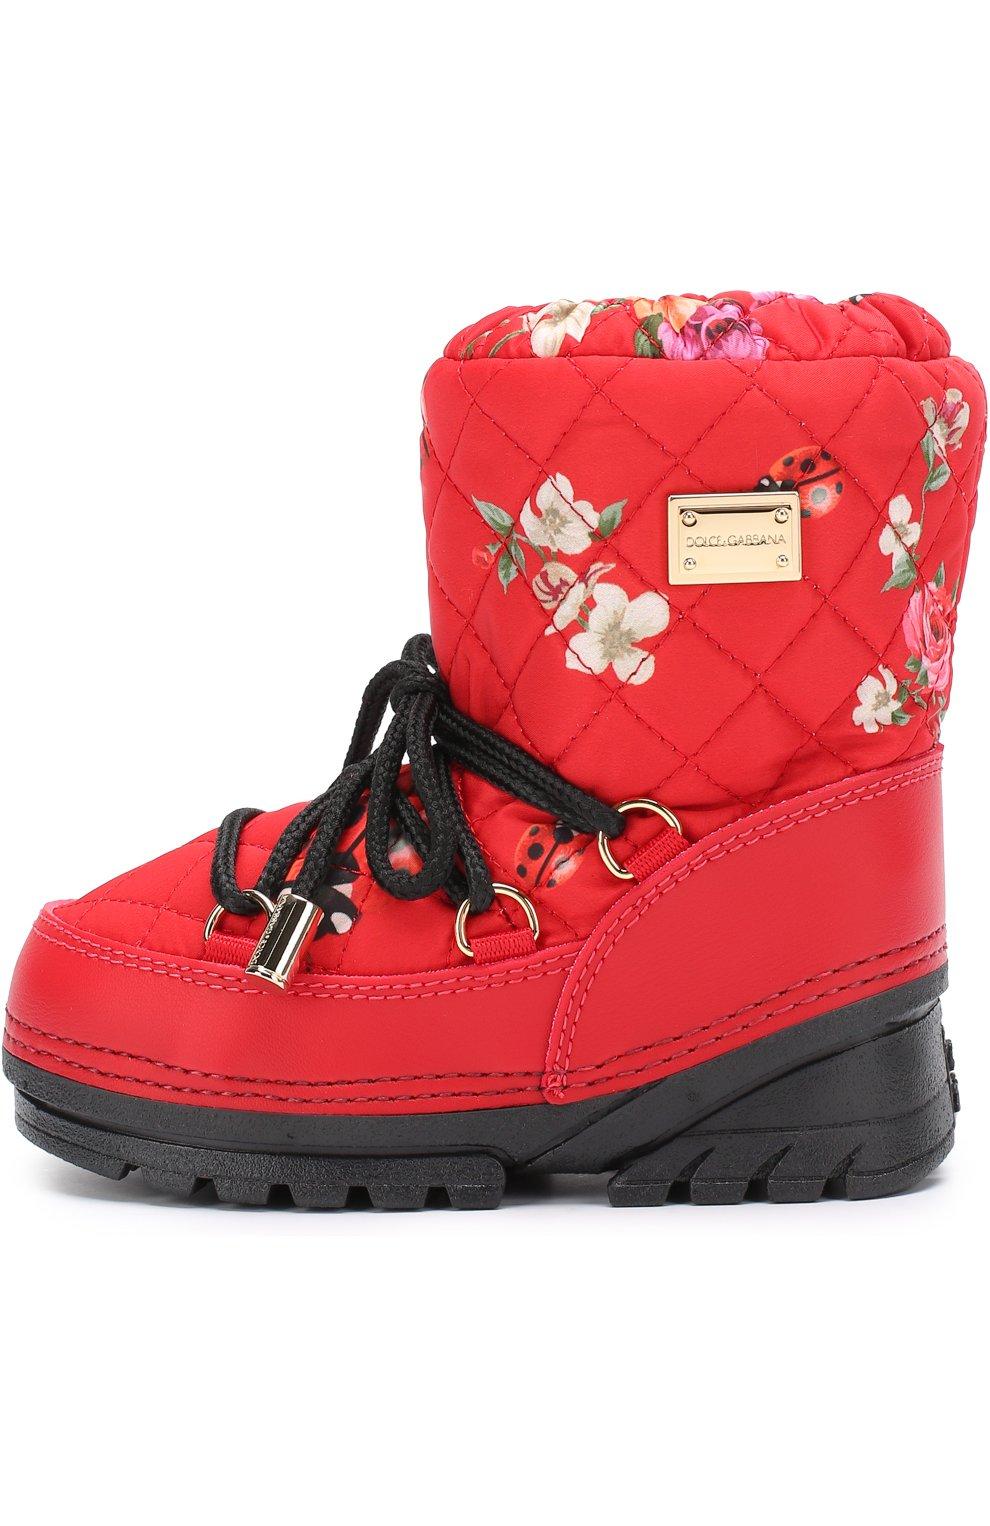 Детские сапоги-луноходы с принтом на шнуровке Dolce & Gabbana красного цвета   Фото №2